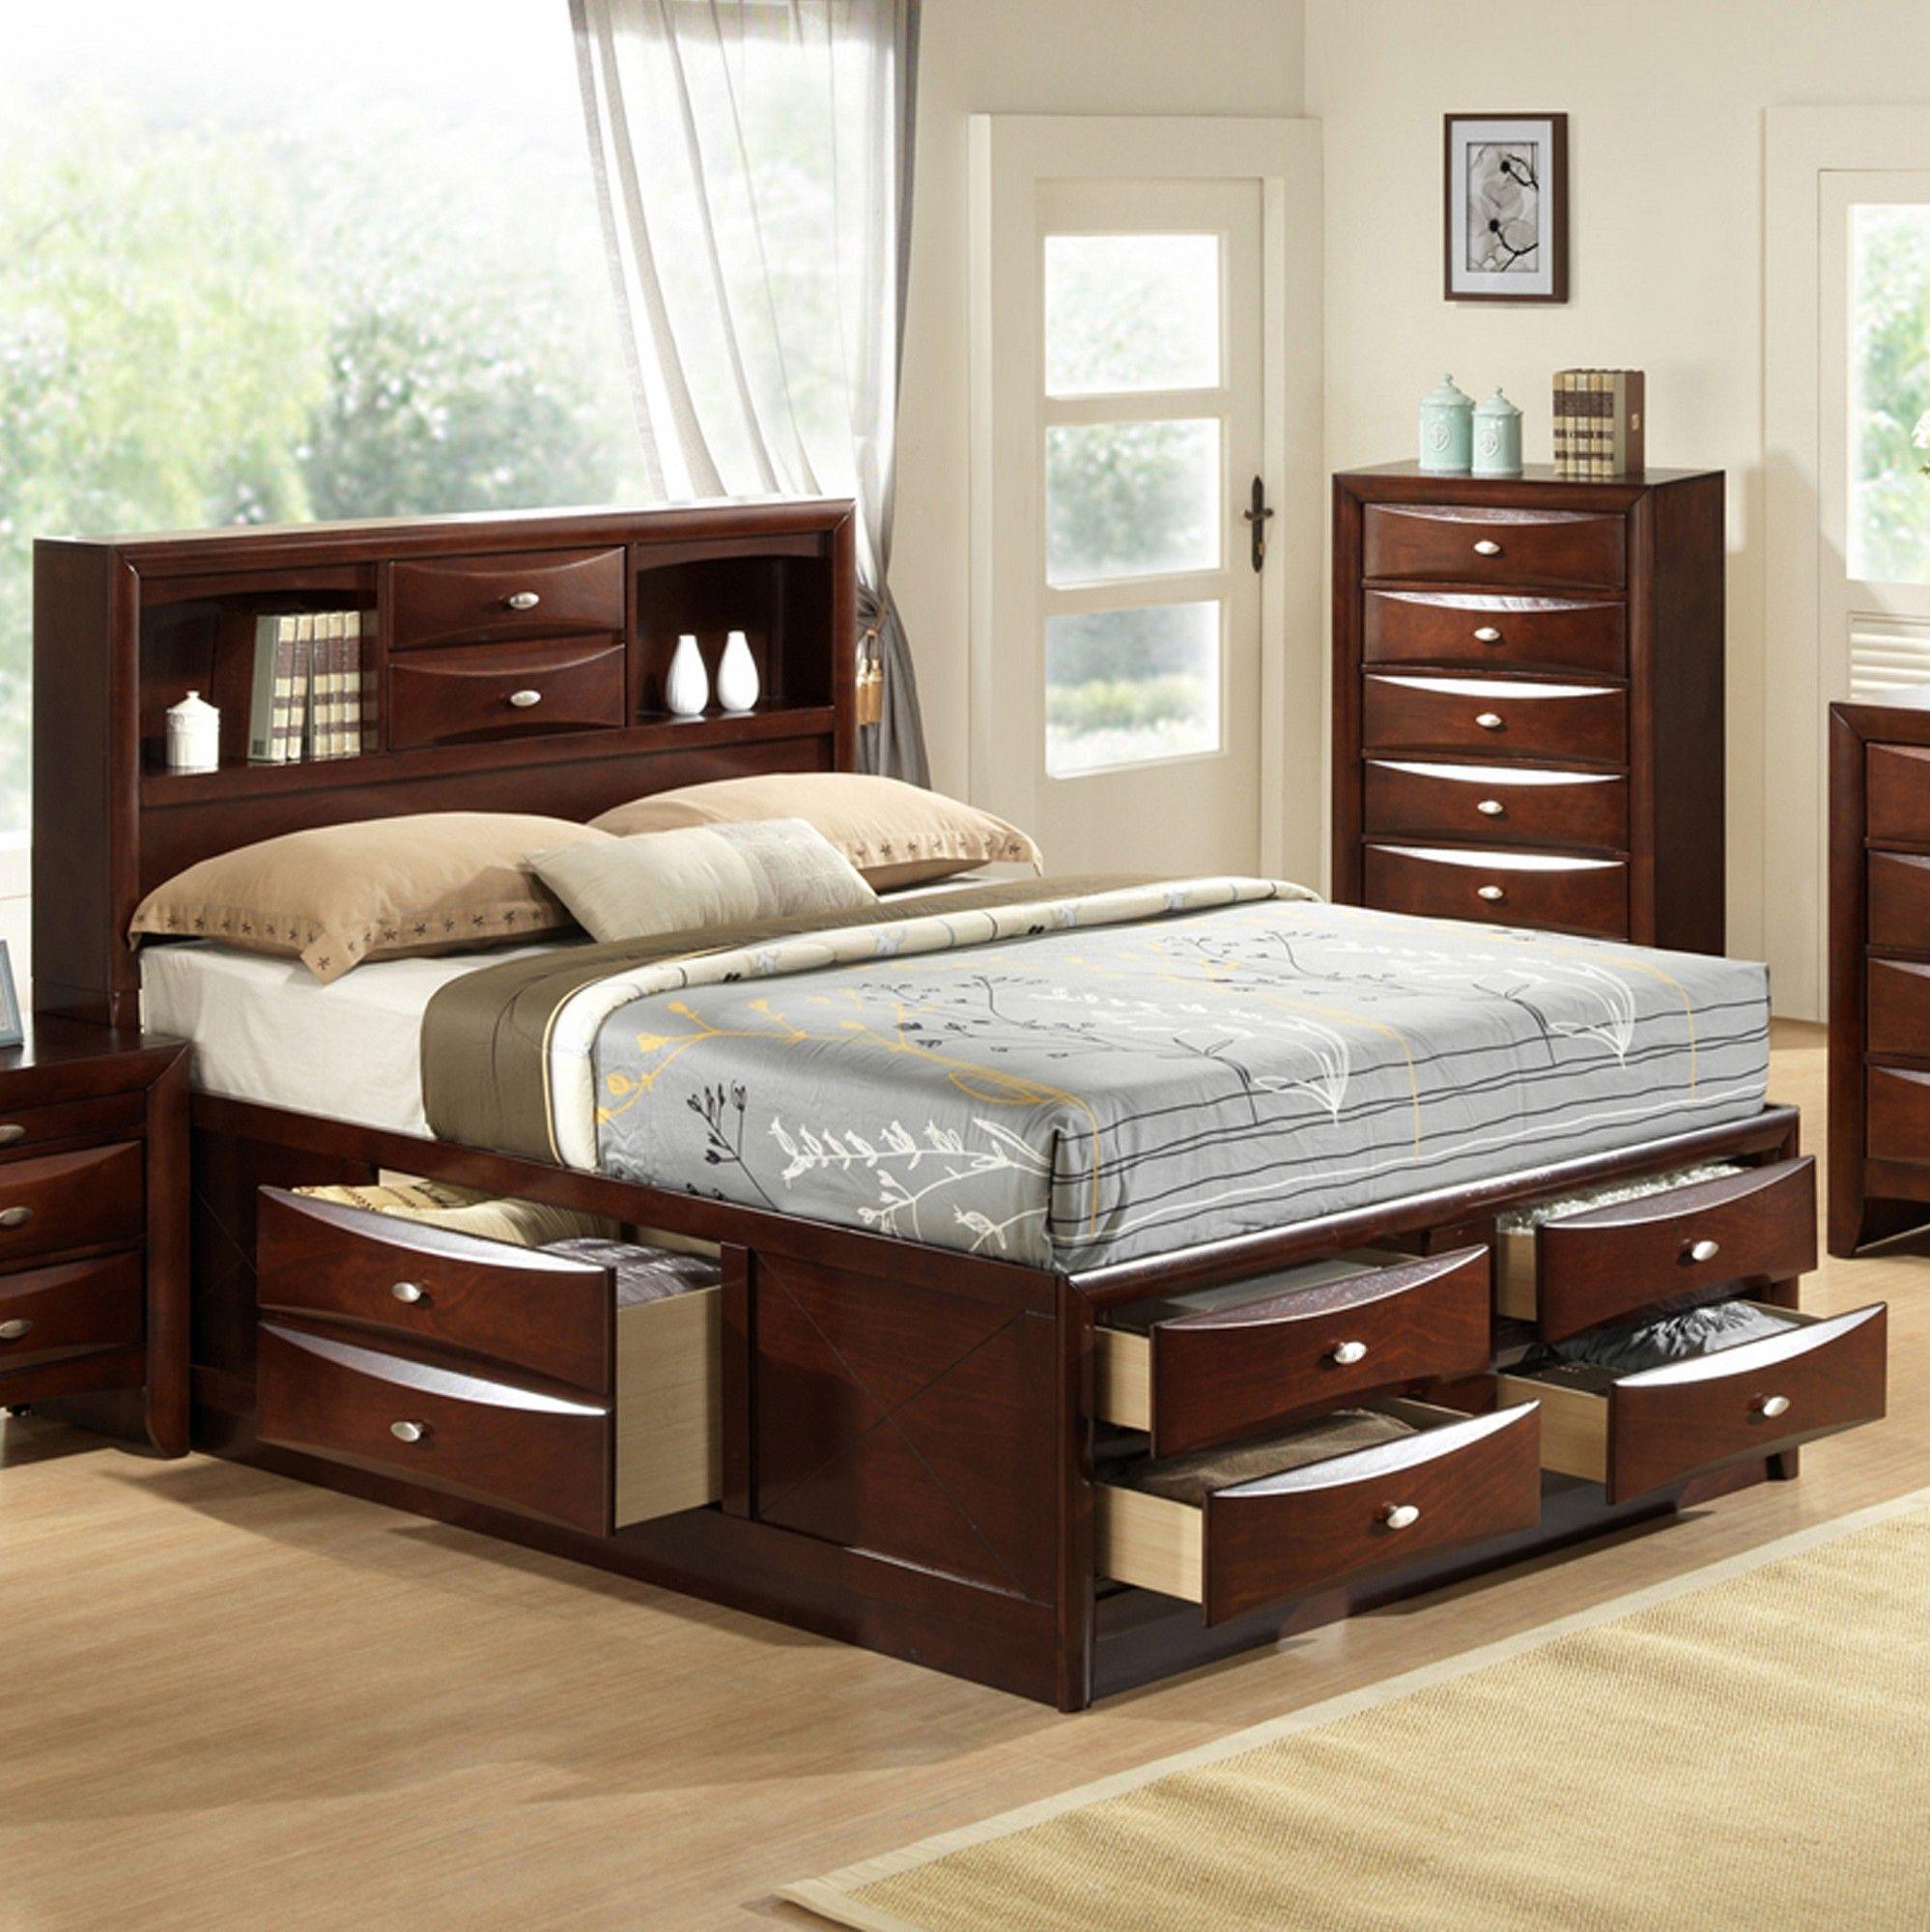 цена кровати с выдвижными ящиками